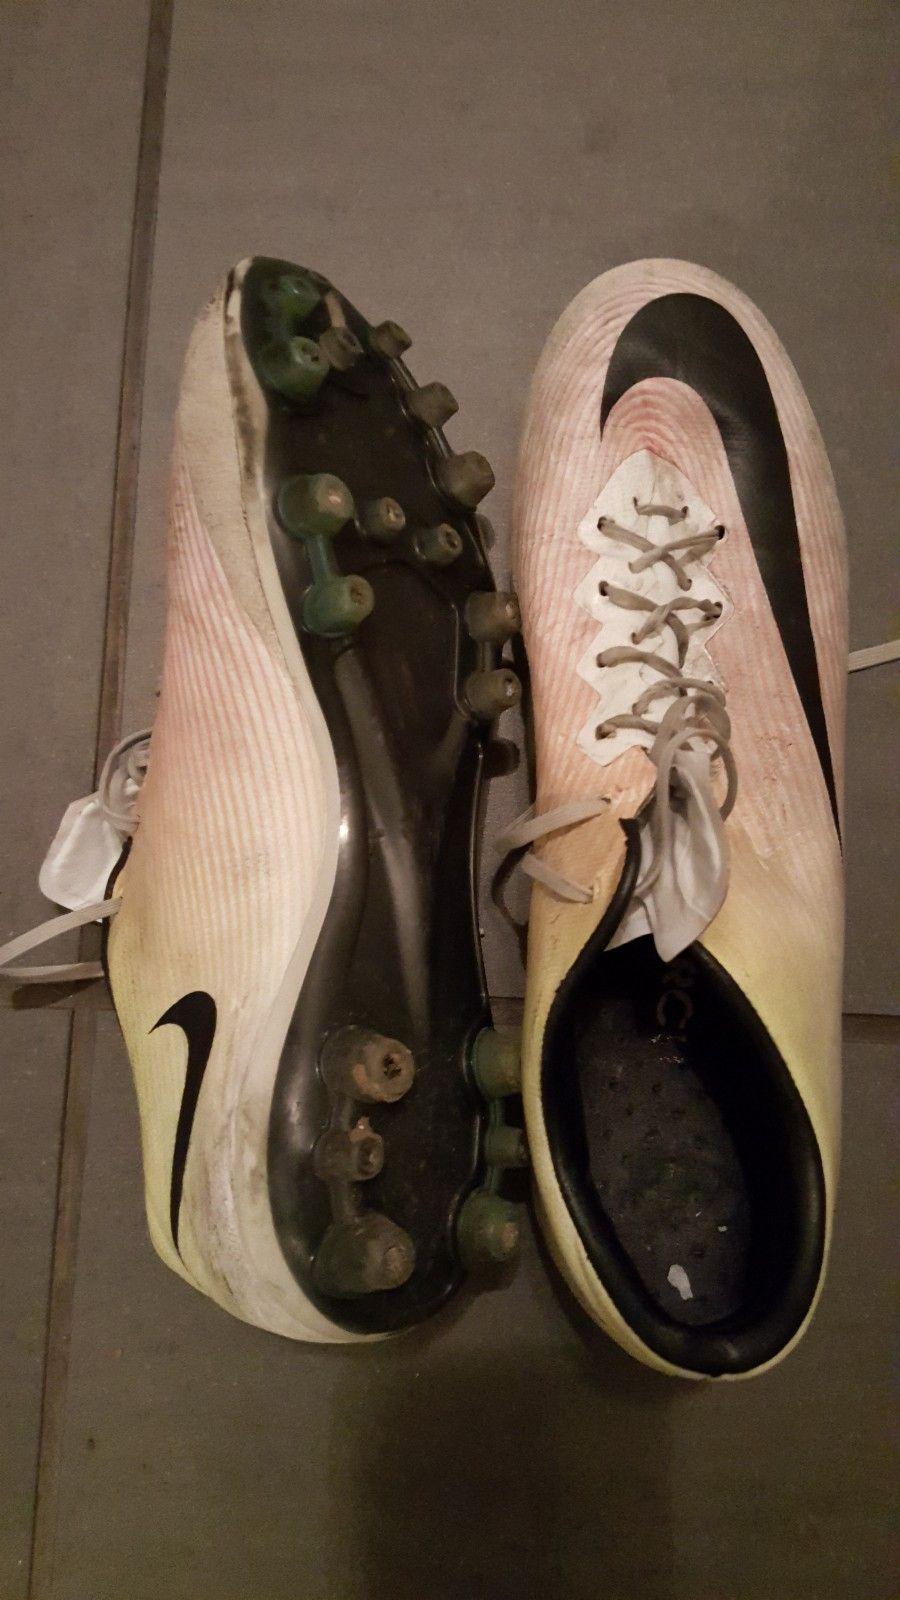 3ee31dd1 Nike fotballsko kunsrgress str. 38 1/2 selges rimelig :-). | FINN.no